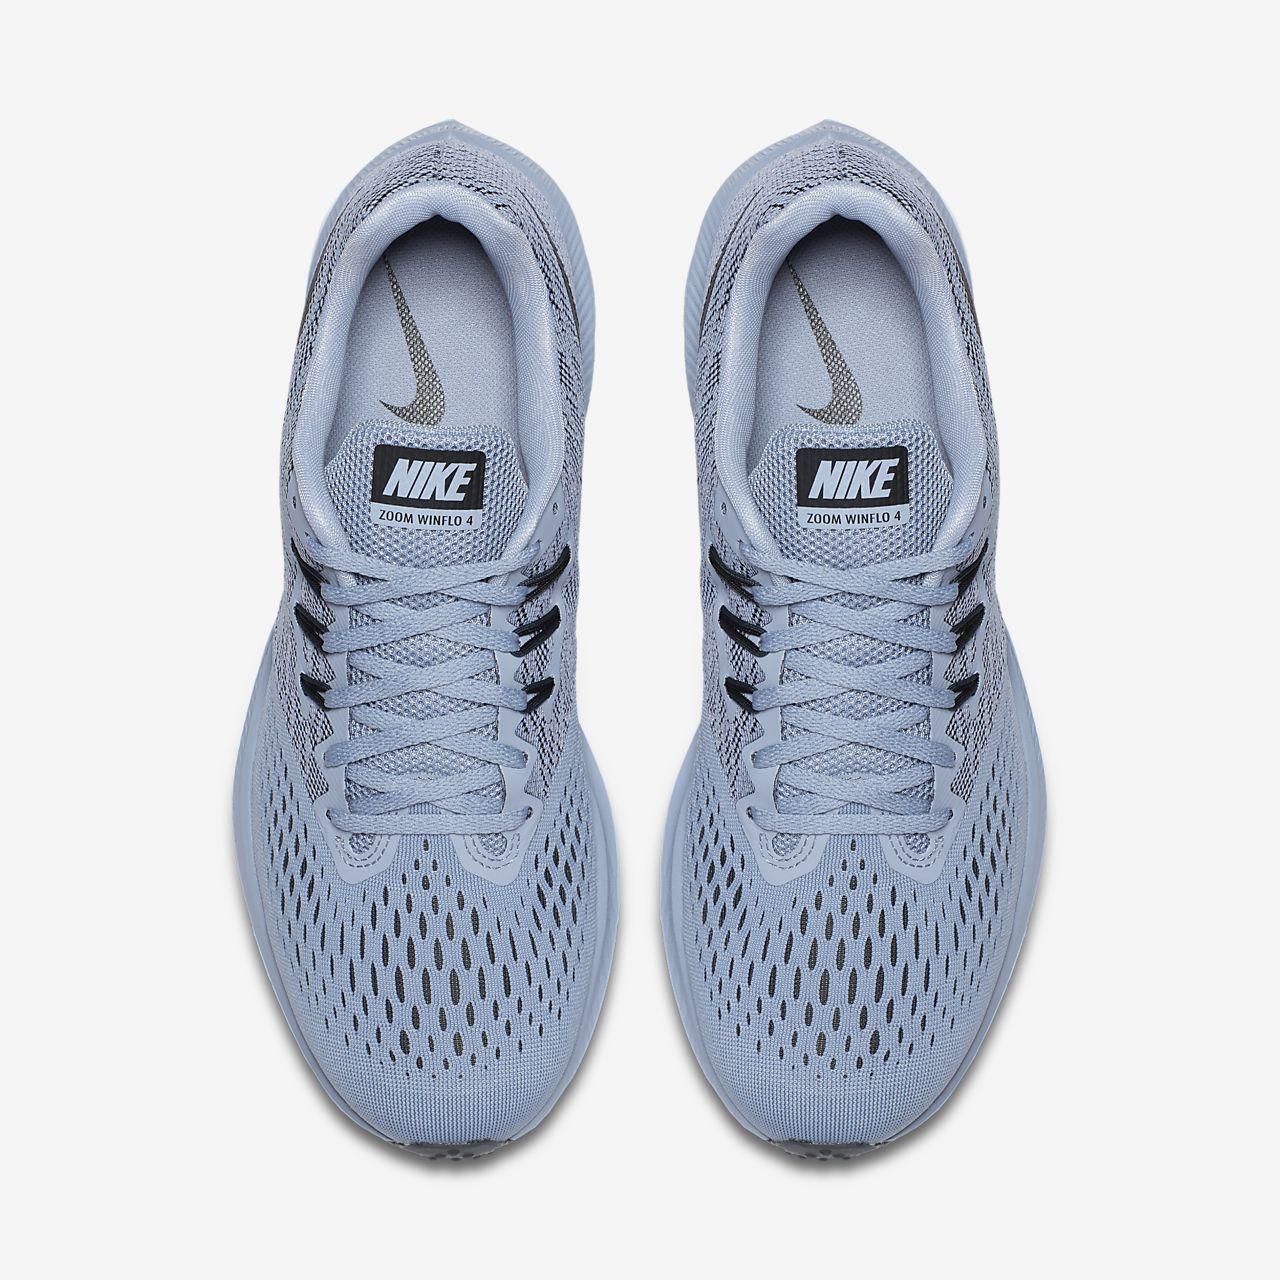 prix des ventes Nike Zoom Winflo Hommes Chaussures De Course Commentaires vraiment vaste gamme de vente site officiel classique Z0z4NG7y